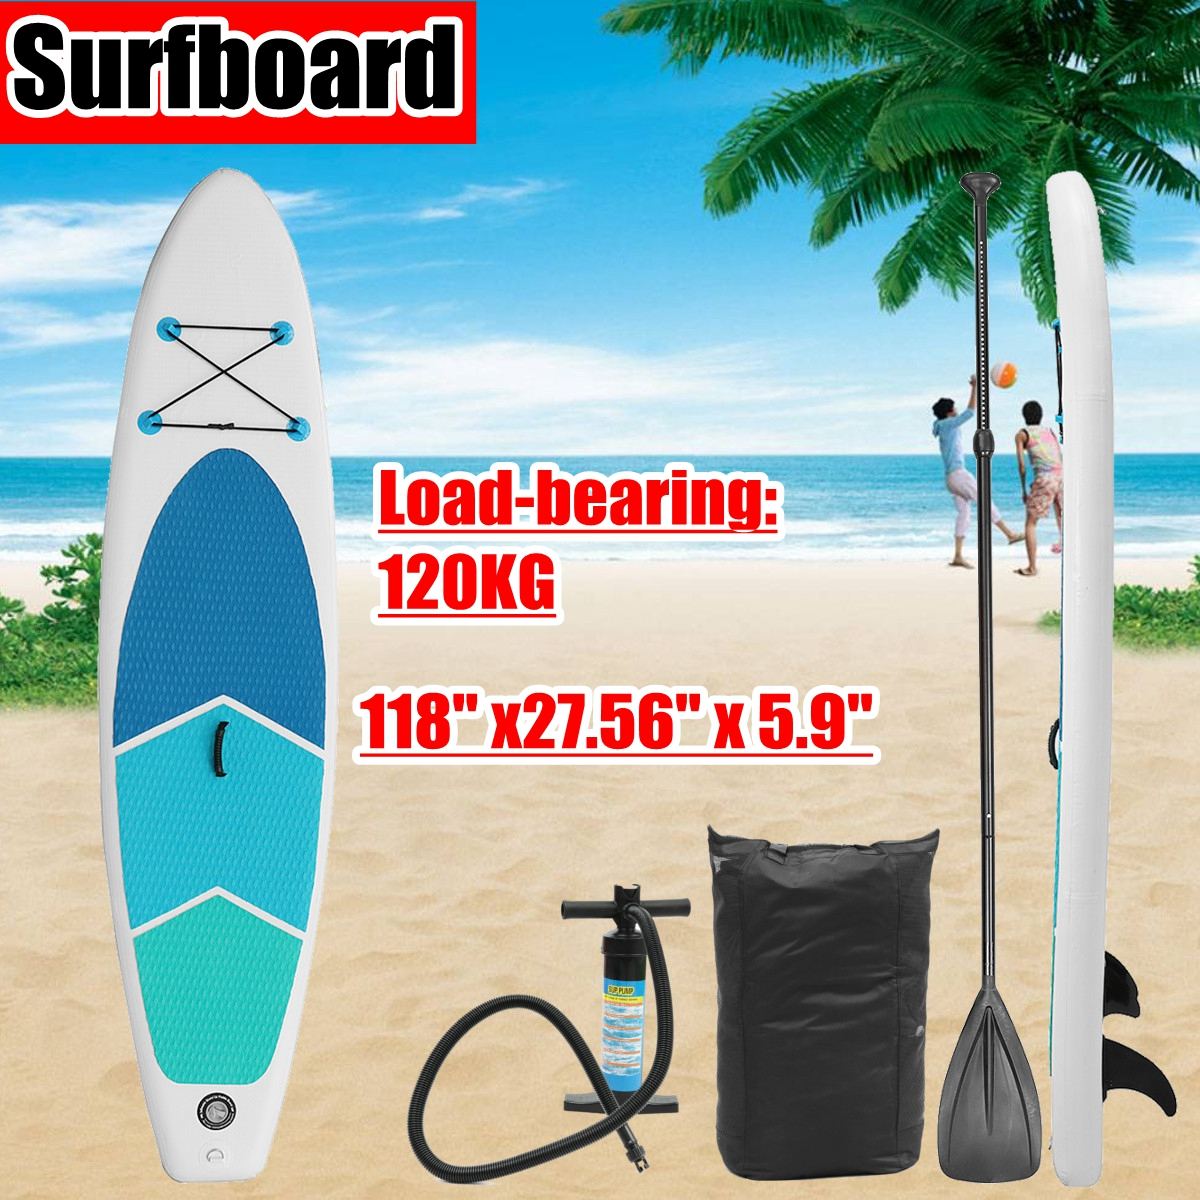 Gofun 3 m X 0.7 m X 0.15 m Pouces Stand Up Paddle Planche De Surf Gonflable Conseil SUP Ensemble Vague R ider + Pompe gonflable planche de surf paddle bateau